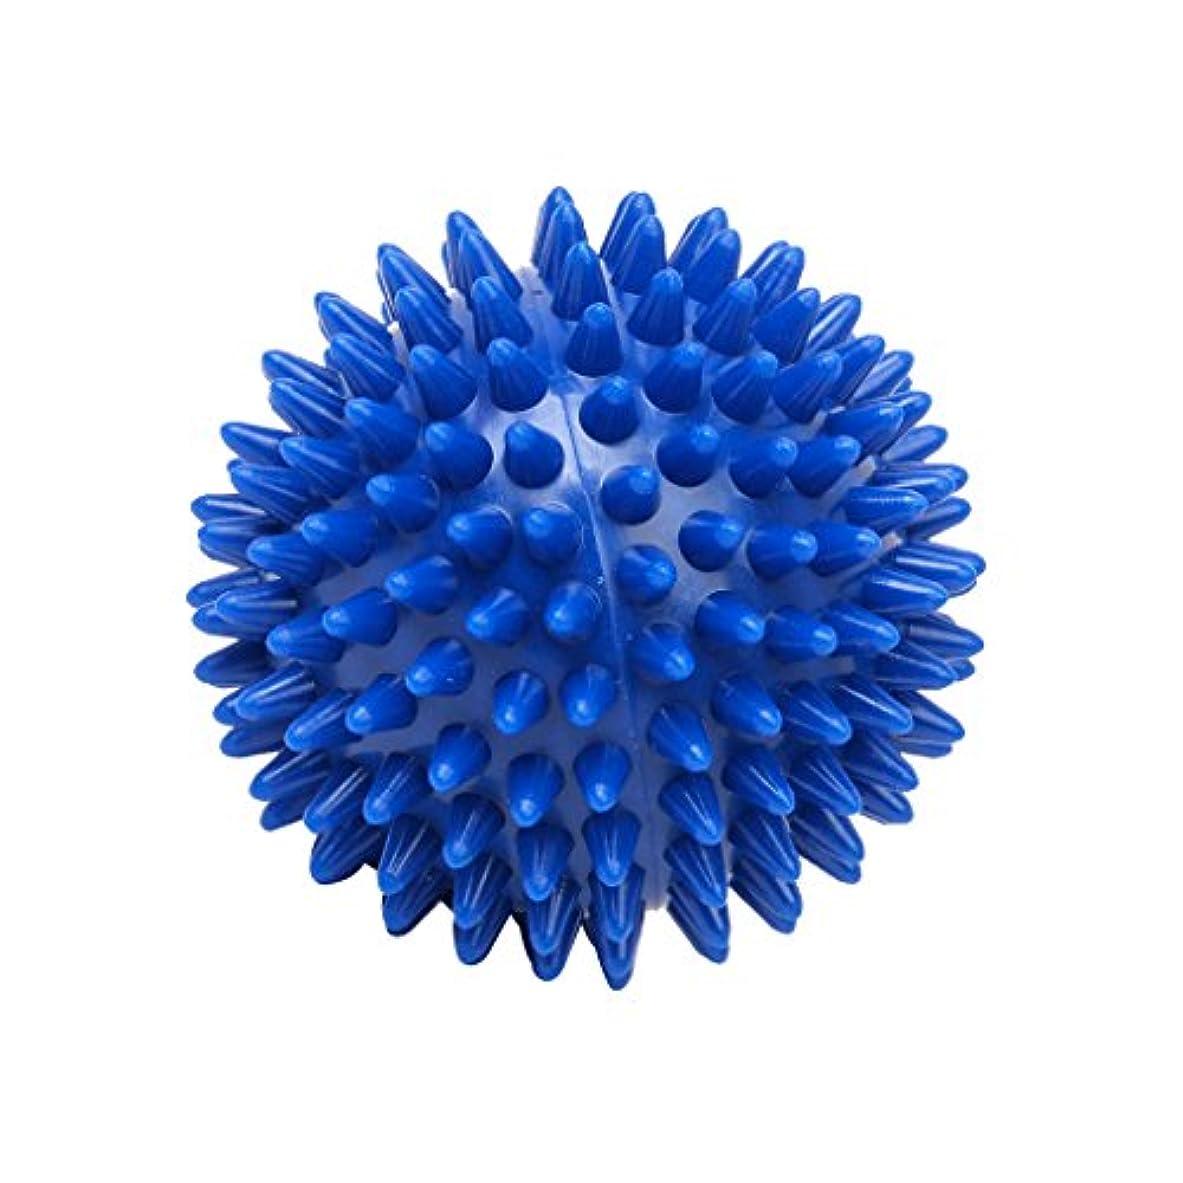 よろめくいらいらするコークスFootful マッサージボール 健康グッズ 健康器具 血液循環促進 緊張緩和 7cm ブルー